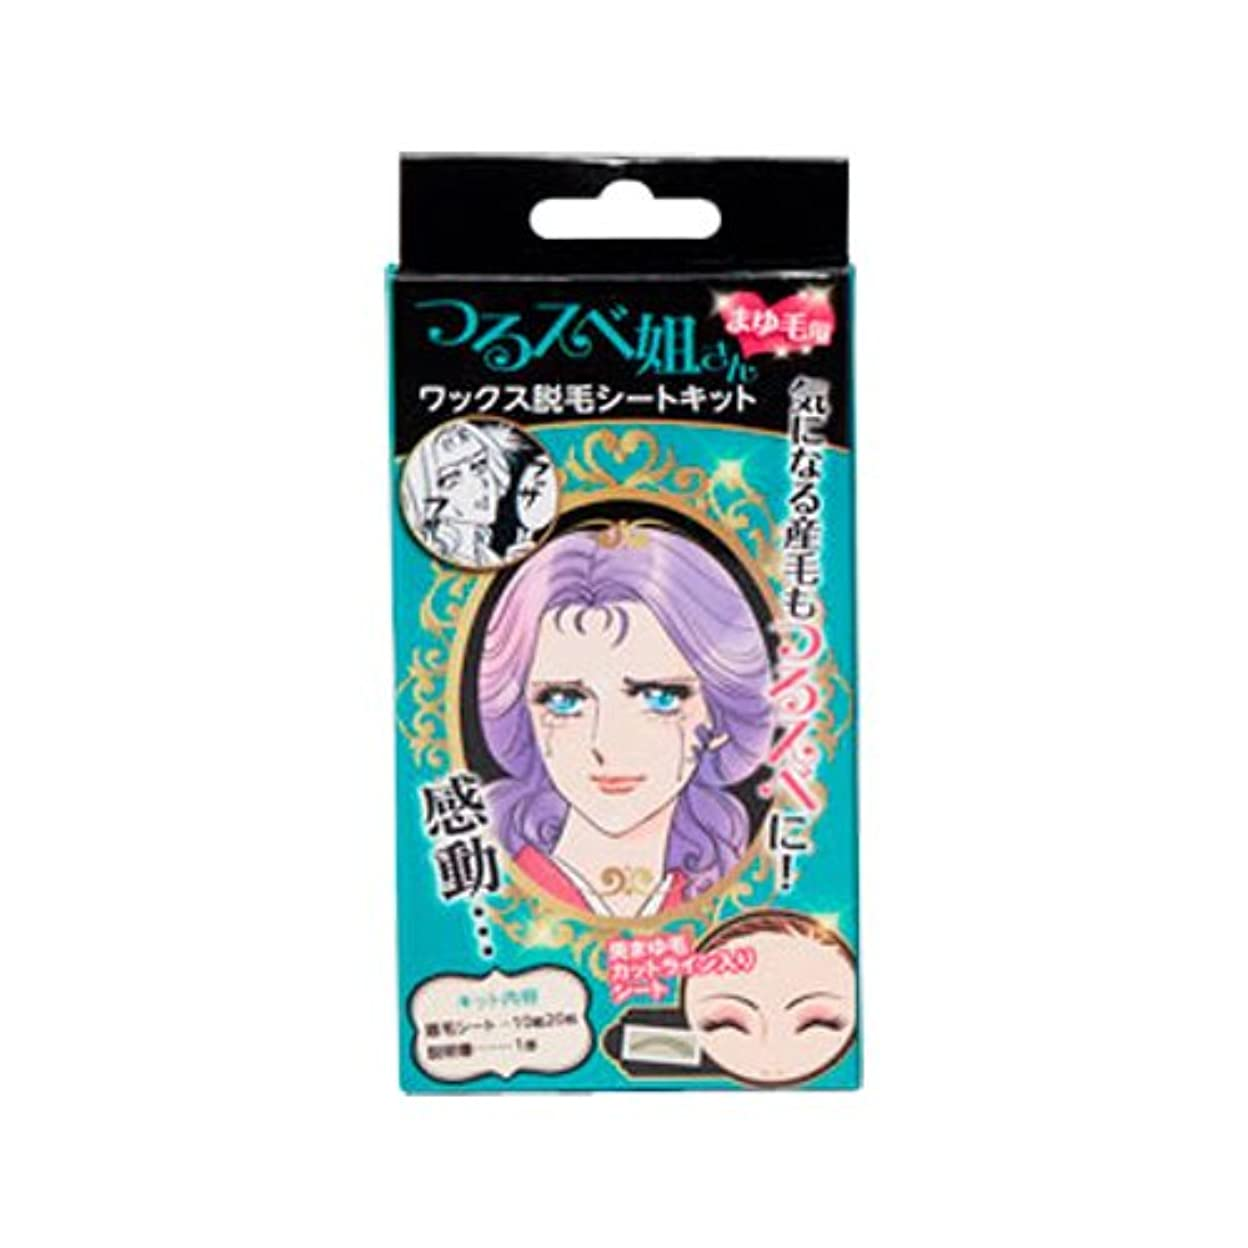 ディレクター最小化する喉頭つるスベ姐さん まゆ毛用 ワックス脱毛シートキット (20枚)